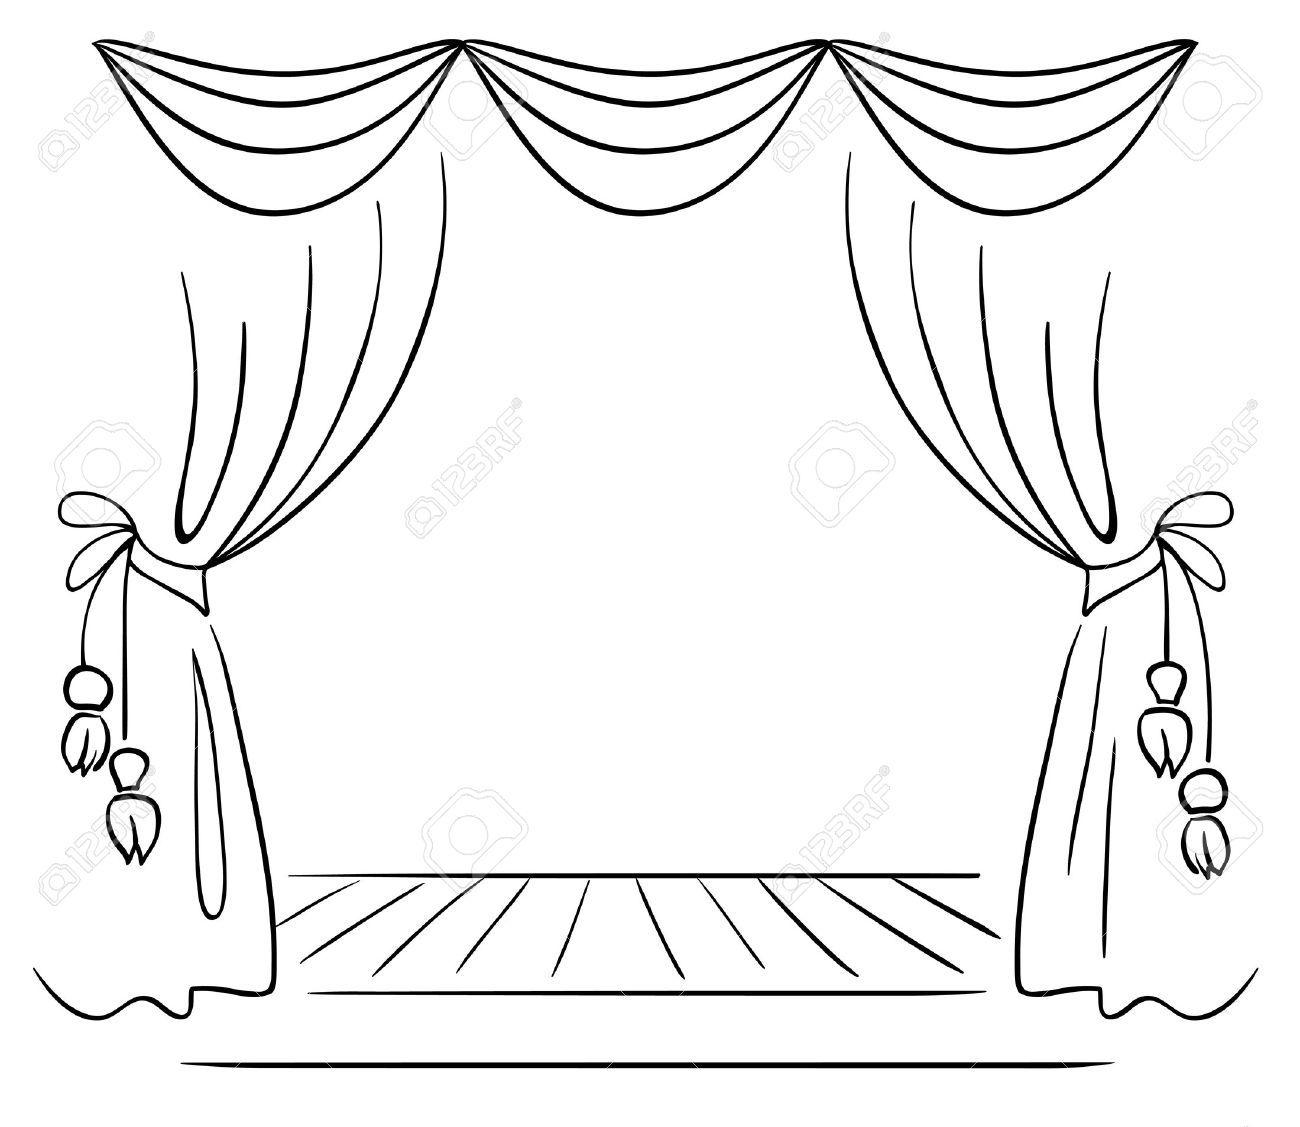 Resultado De Imagen Para Teatro Dibujo Dibujos De Teatro Video De Amigos Obras De Teatro